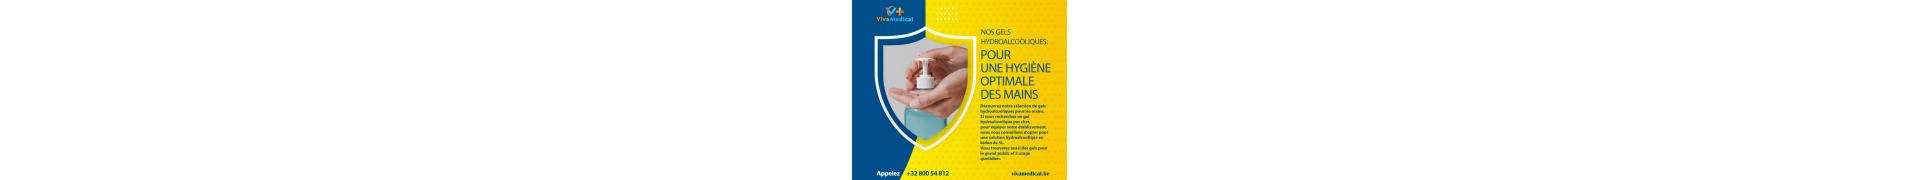 Catégorie Désinfection des mains - Gel désinfectant - pas cher : Gel désinfectant anti-virus pour les mains 500 ml , Gel hydr...